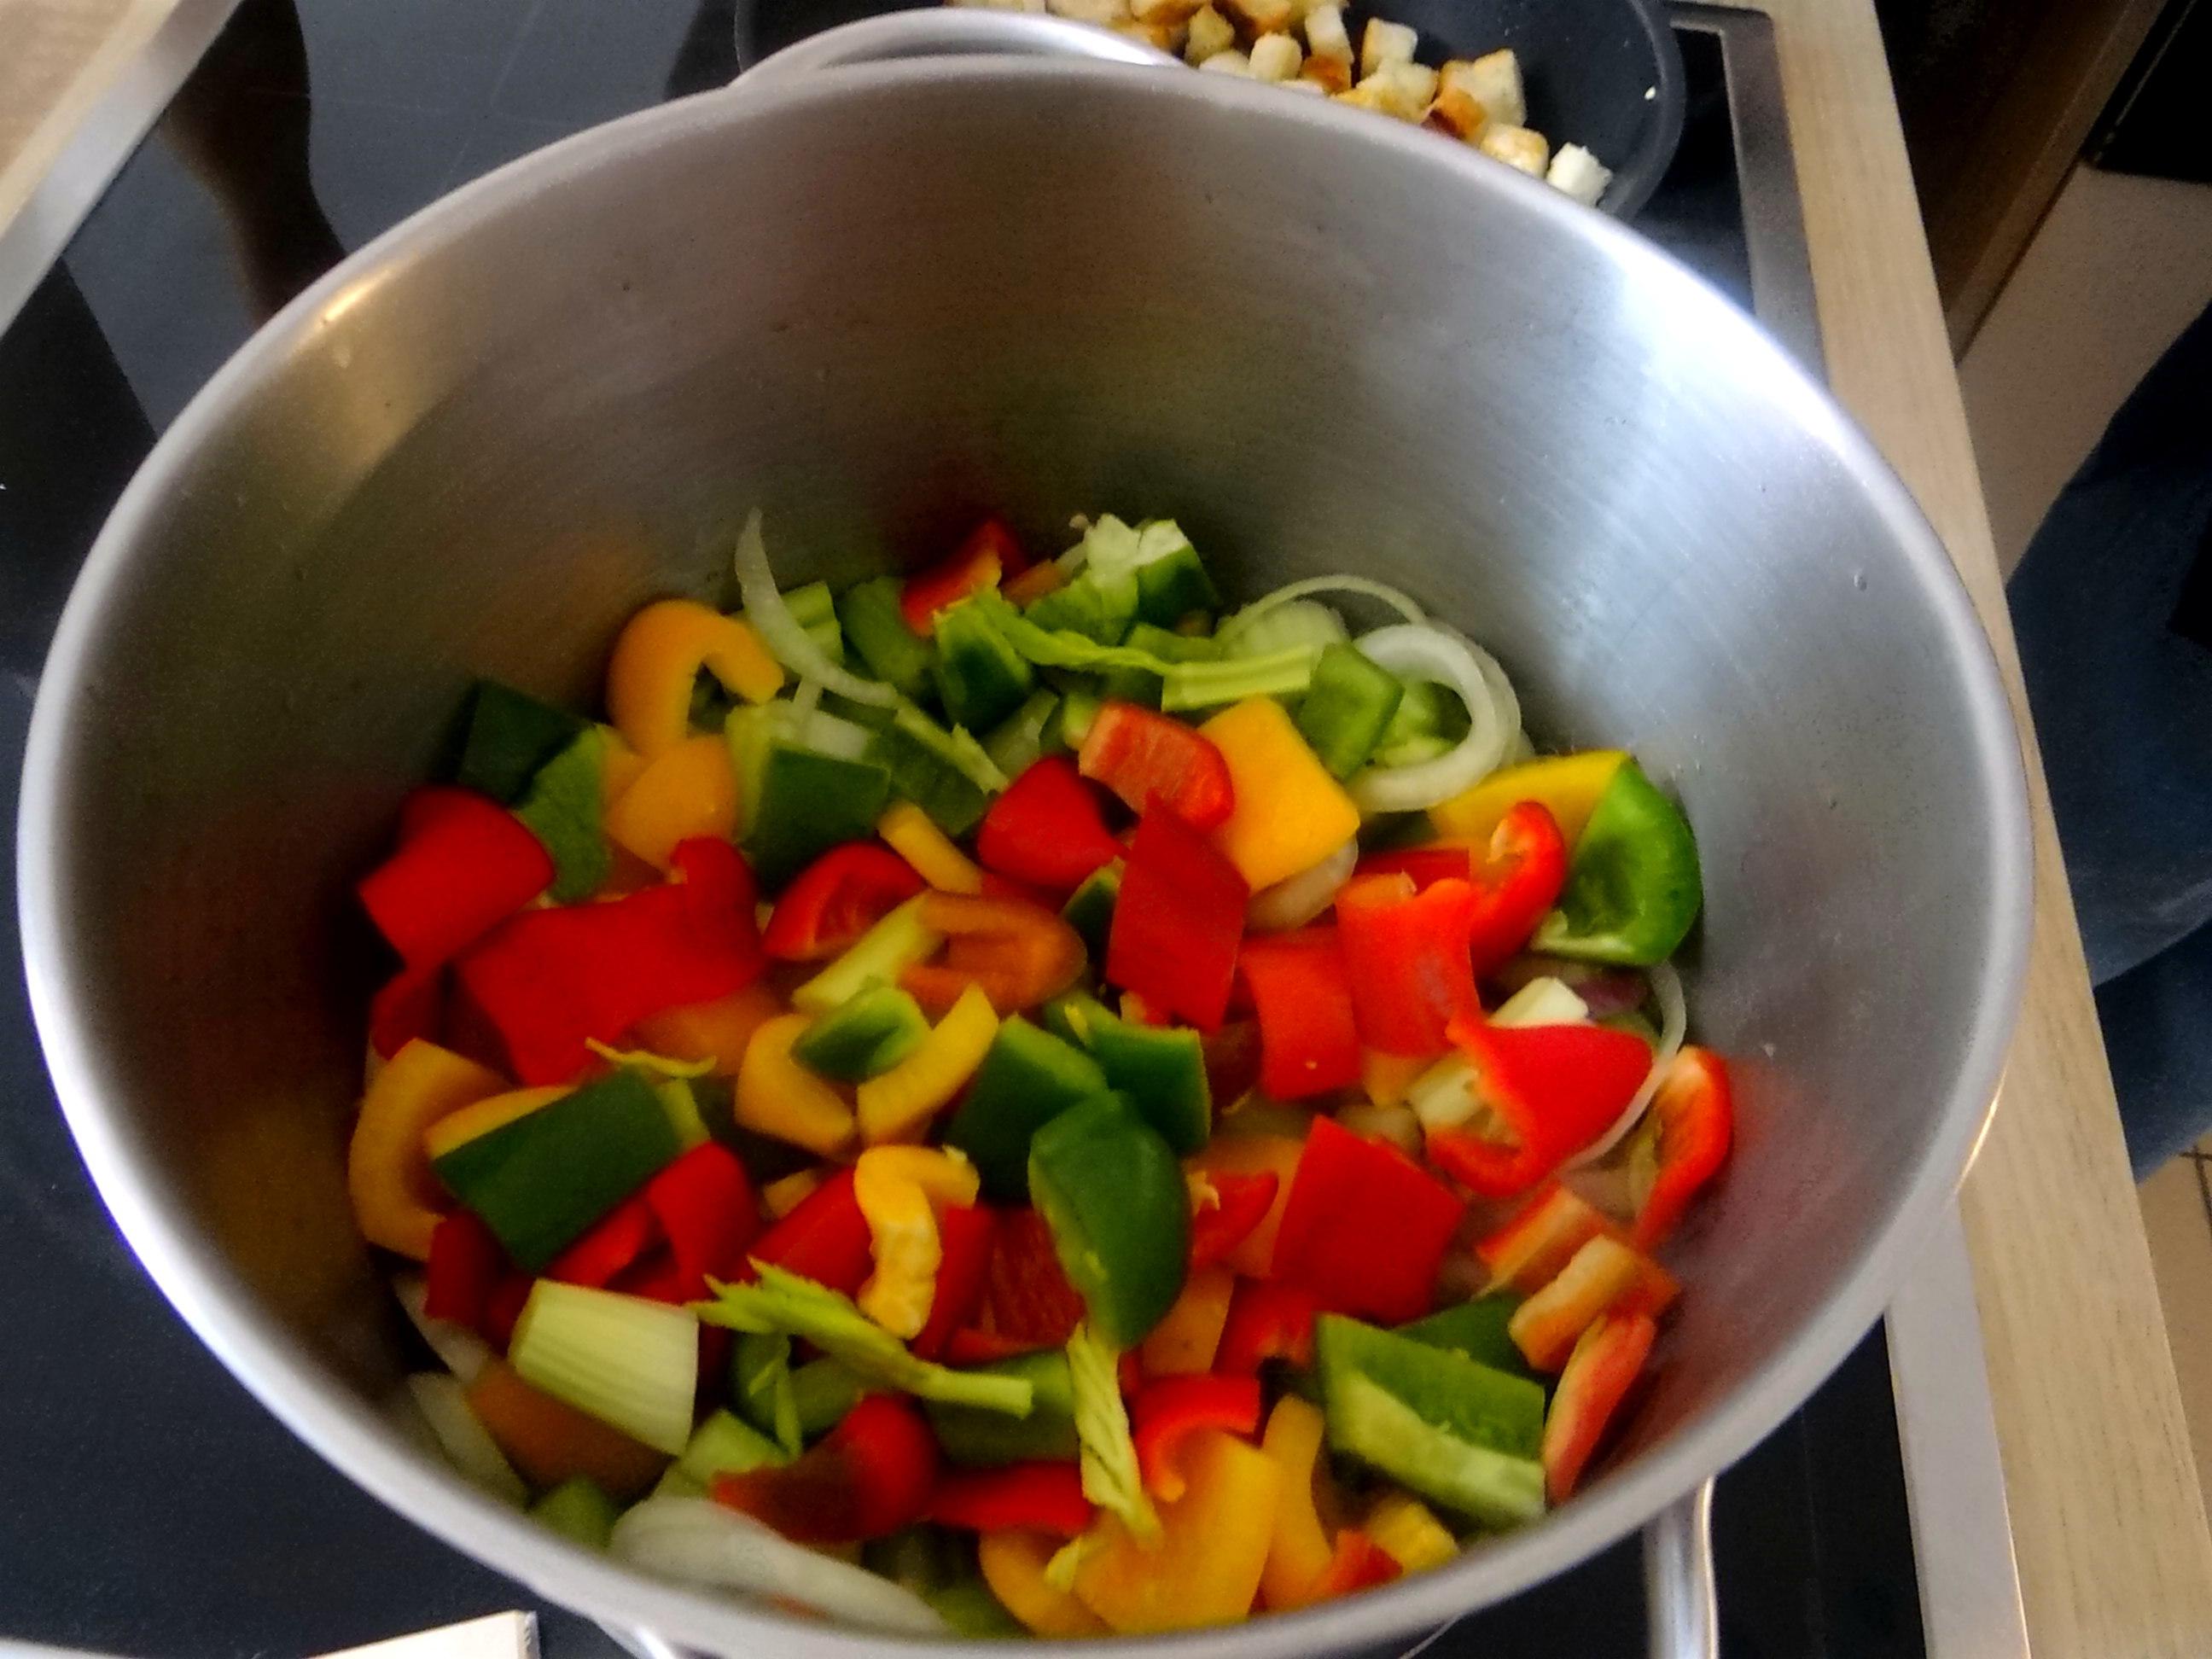 Minestra mit Bleichsellerie un Paprika,Obstsalat,vegetarisch (9)